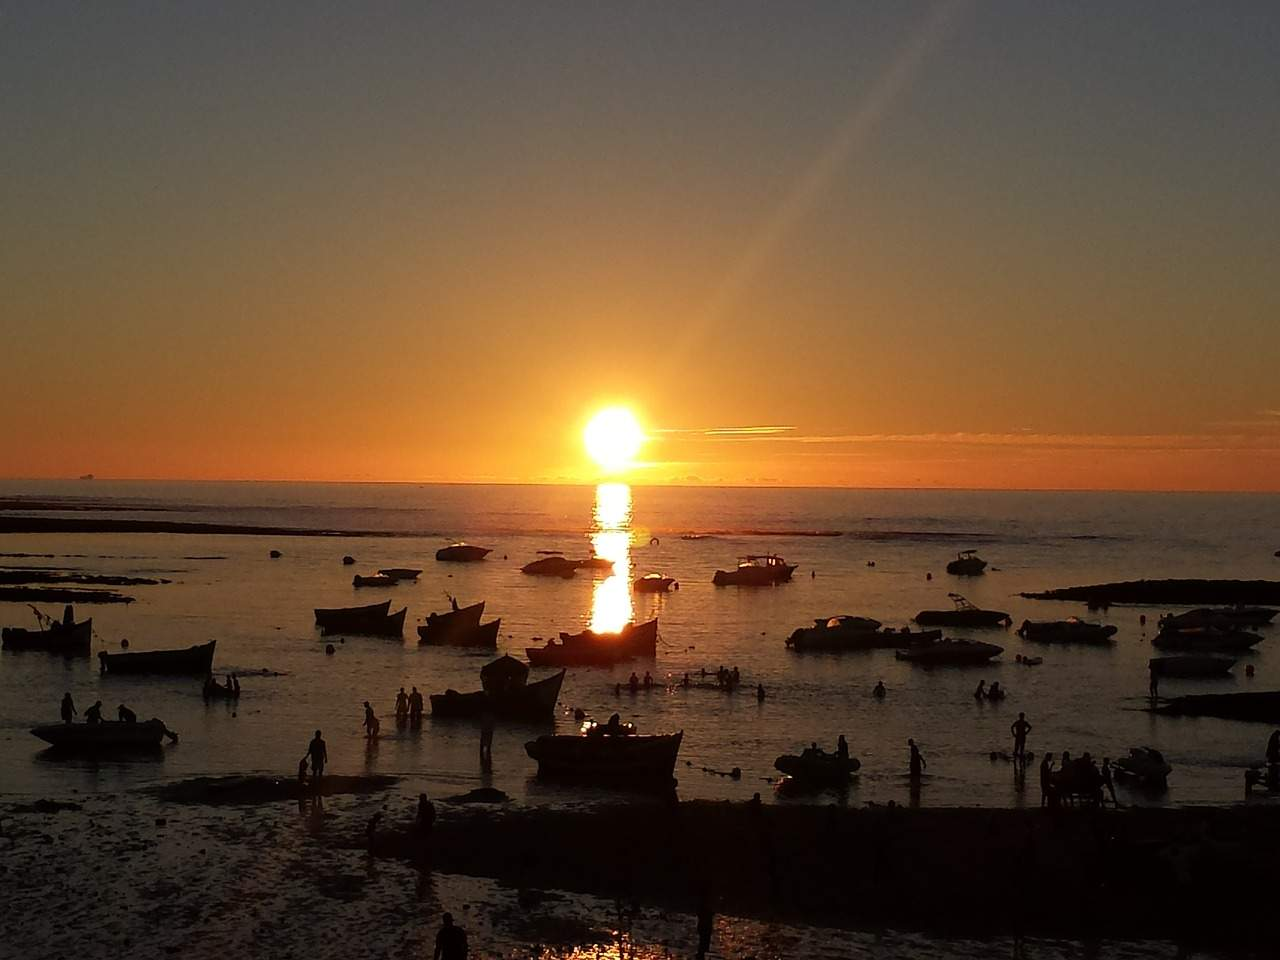 nao-e-caro-viajar-marrocos-casablanca-14 (1)